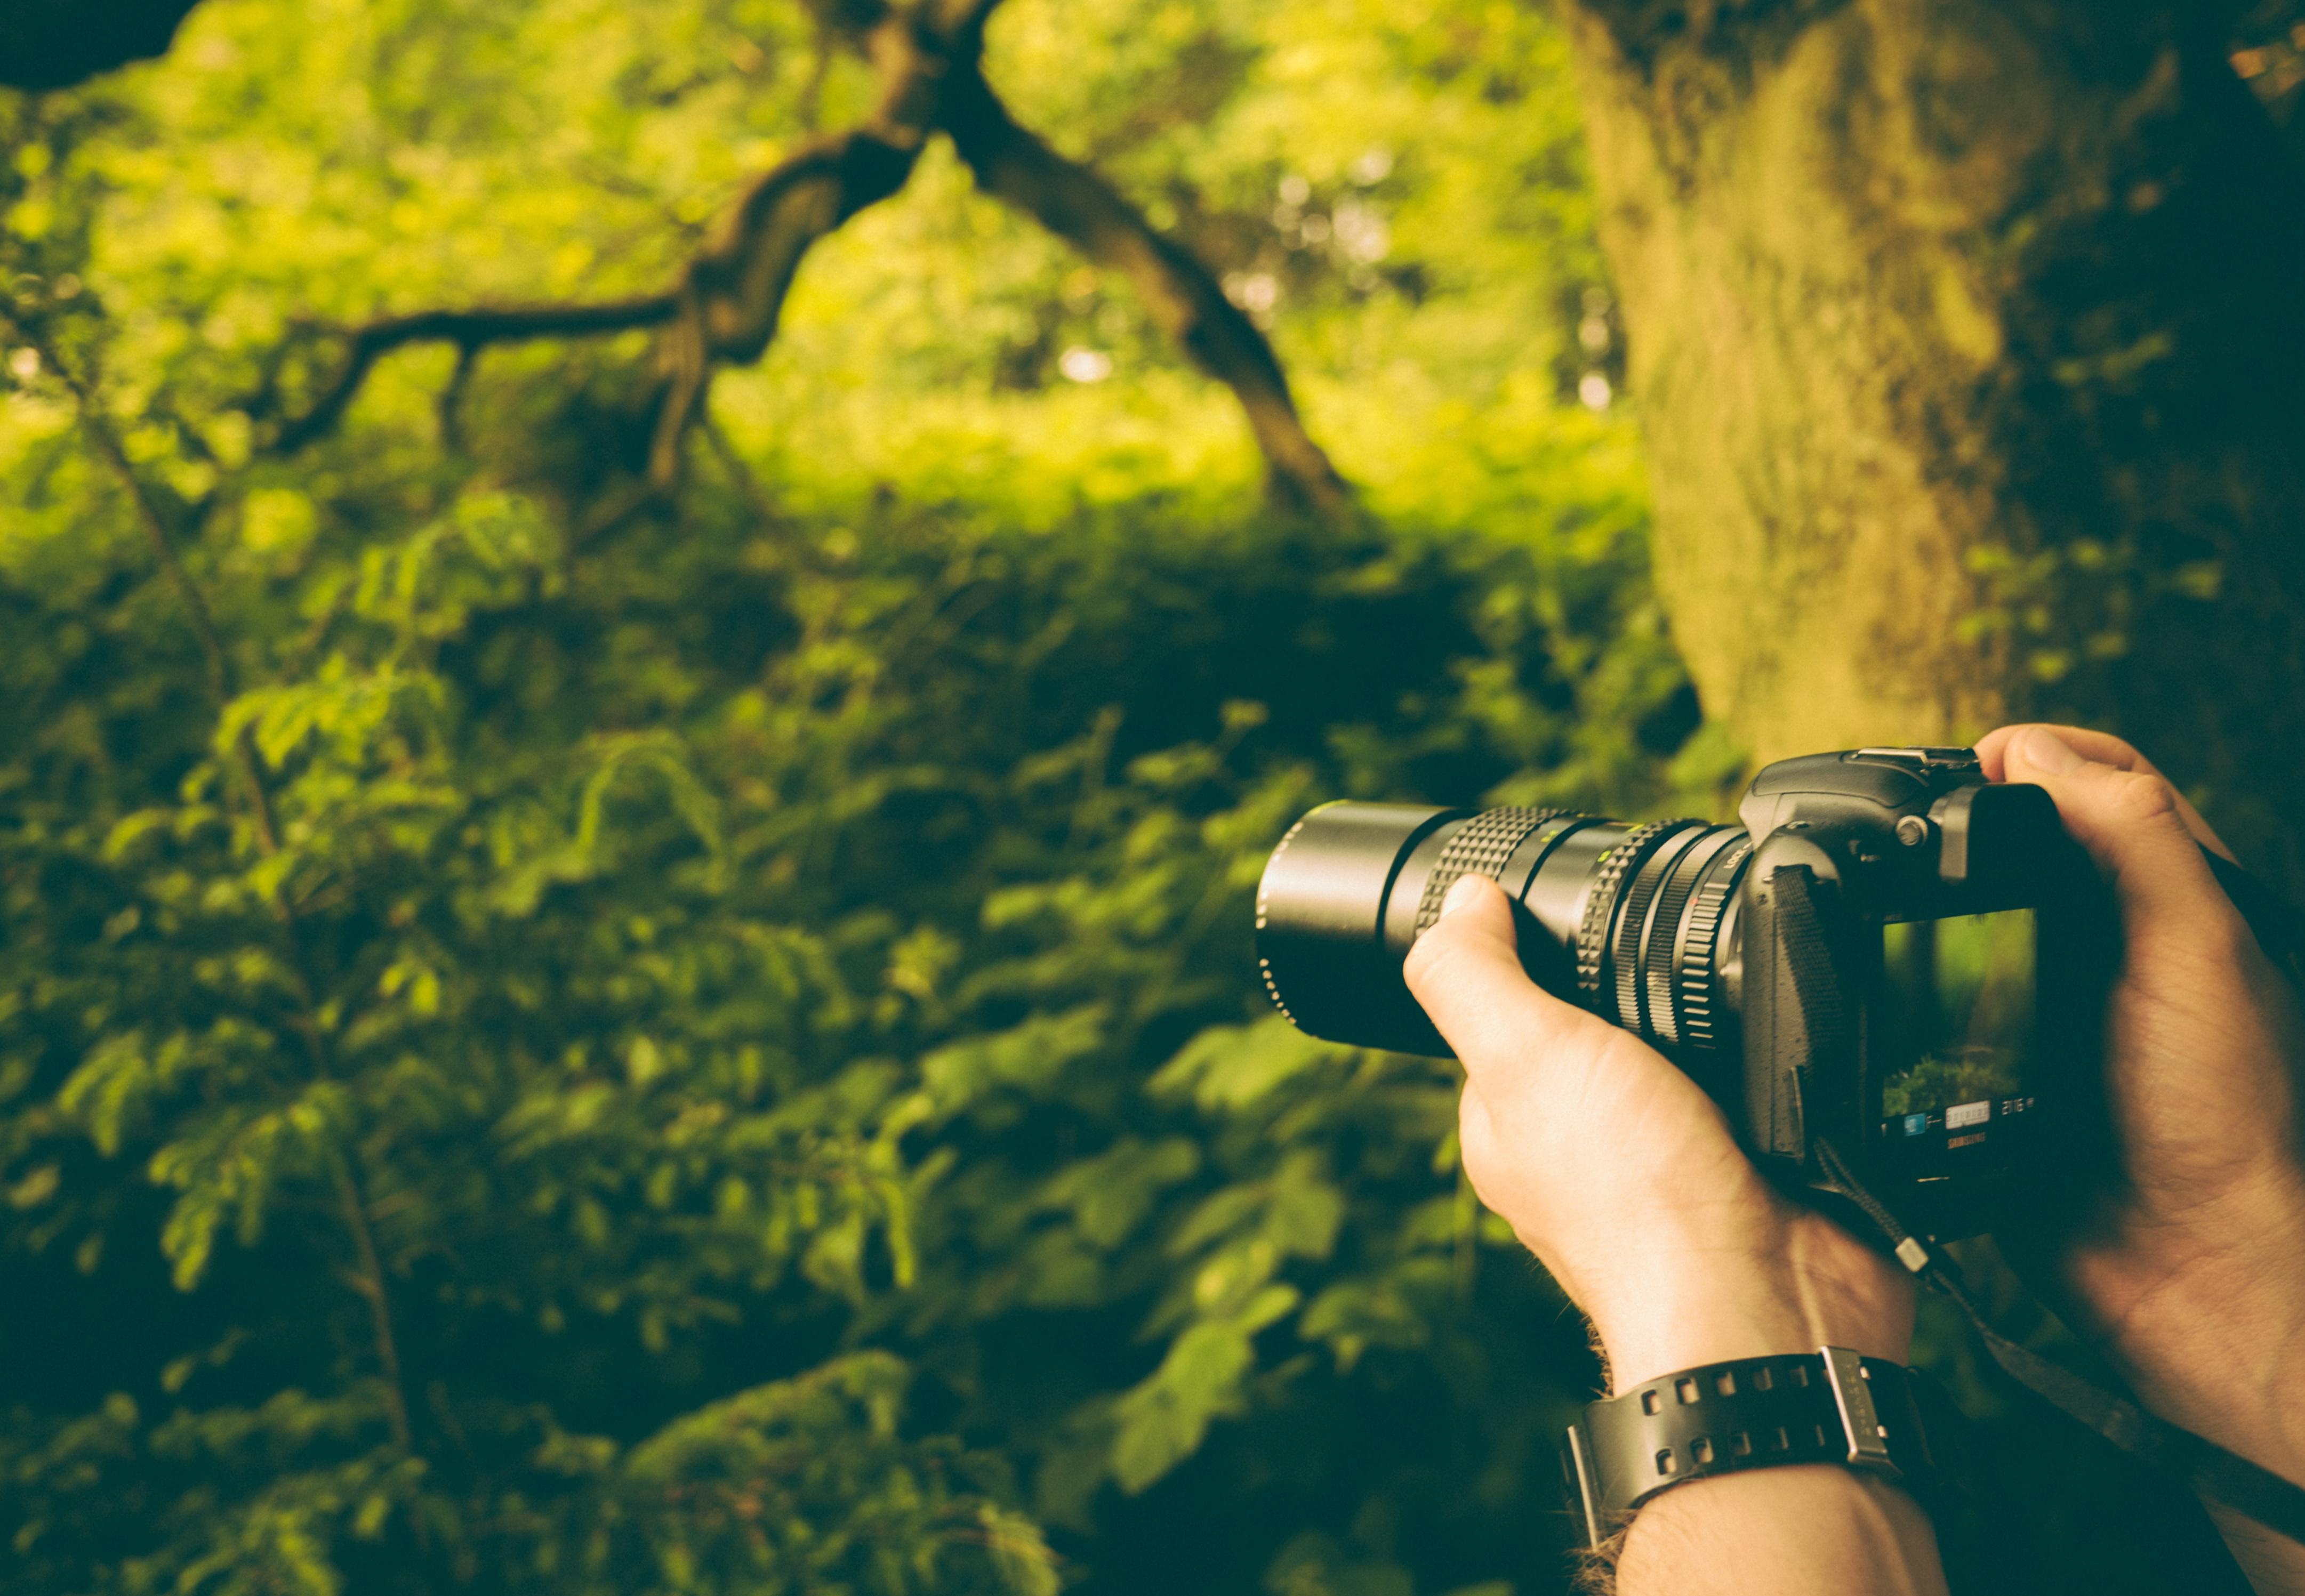 одежда фото сделанные с профессионального фотоаппарата принципе